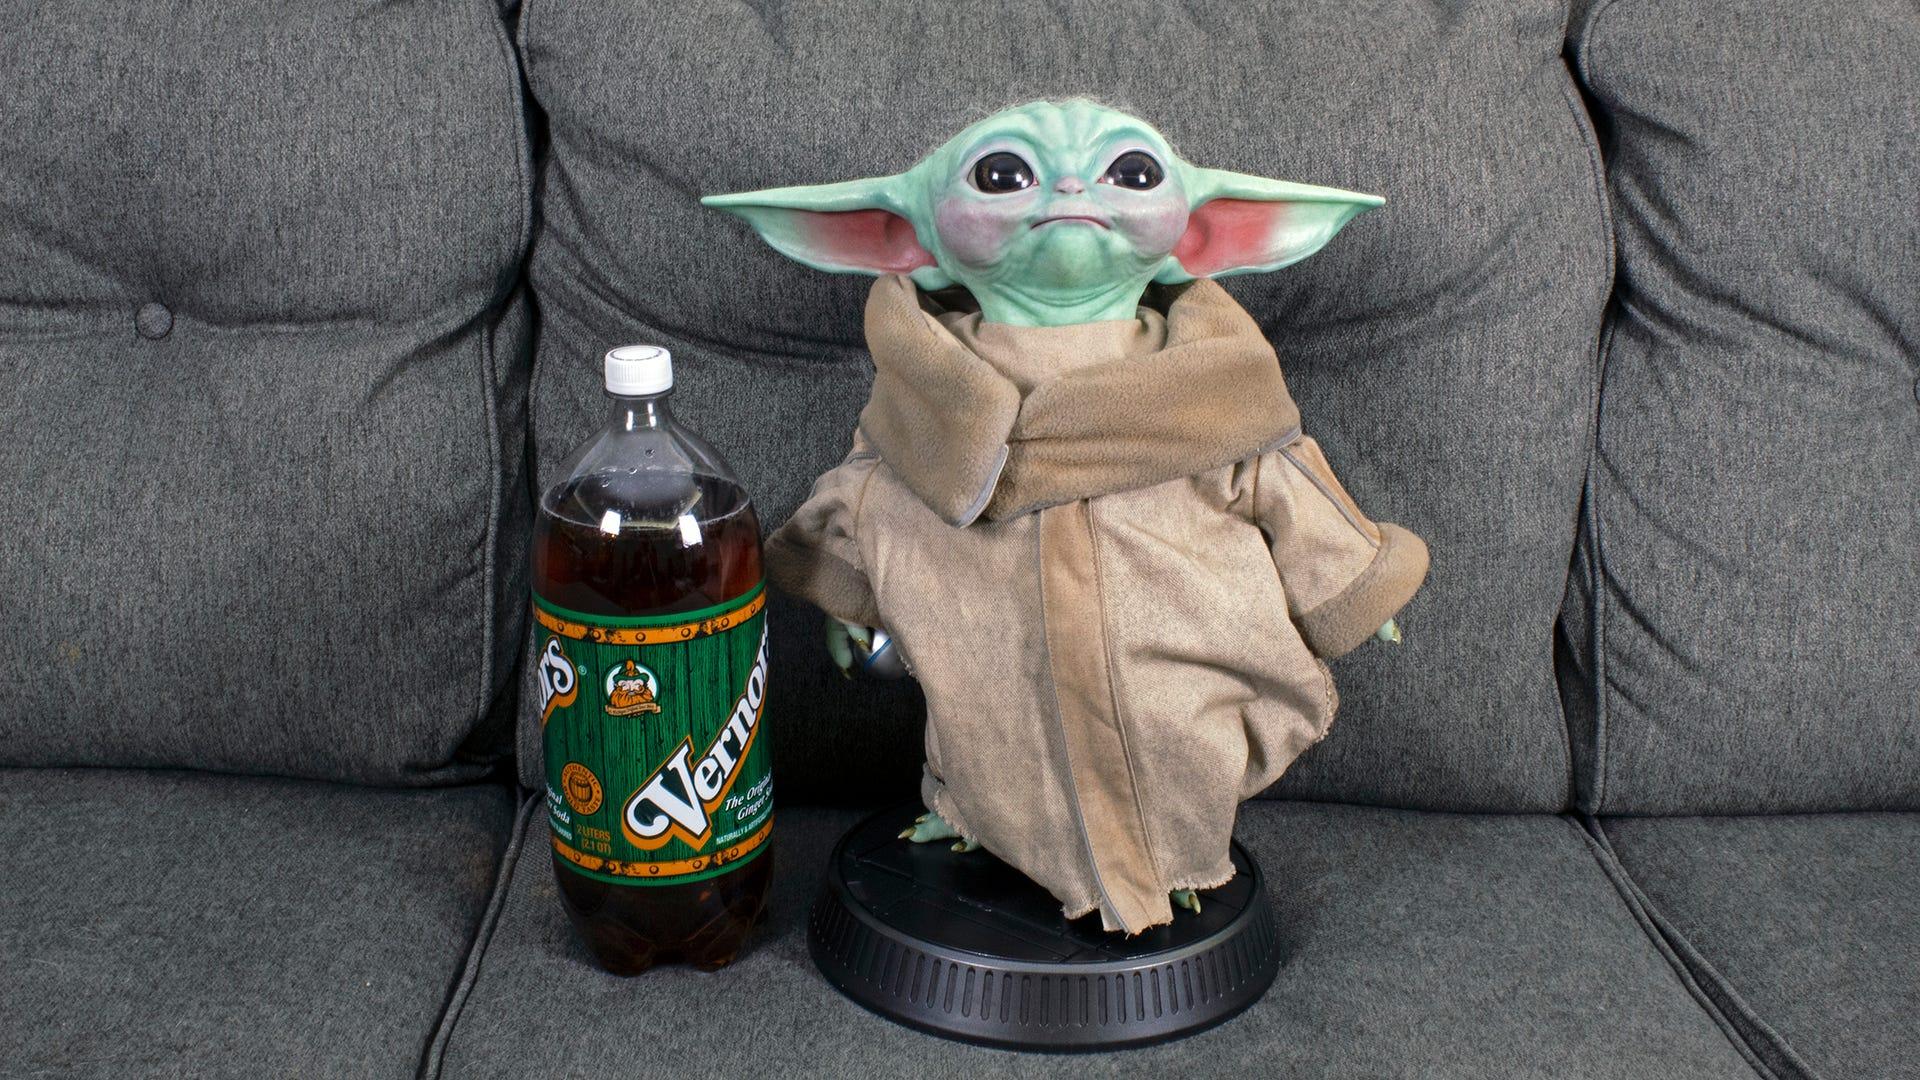 Baby Yoda standing taller than a 2-liter bottle of soda.